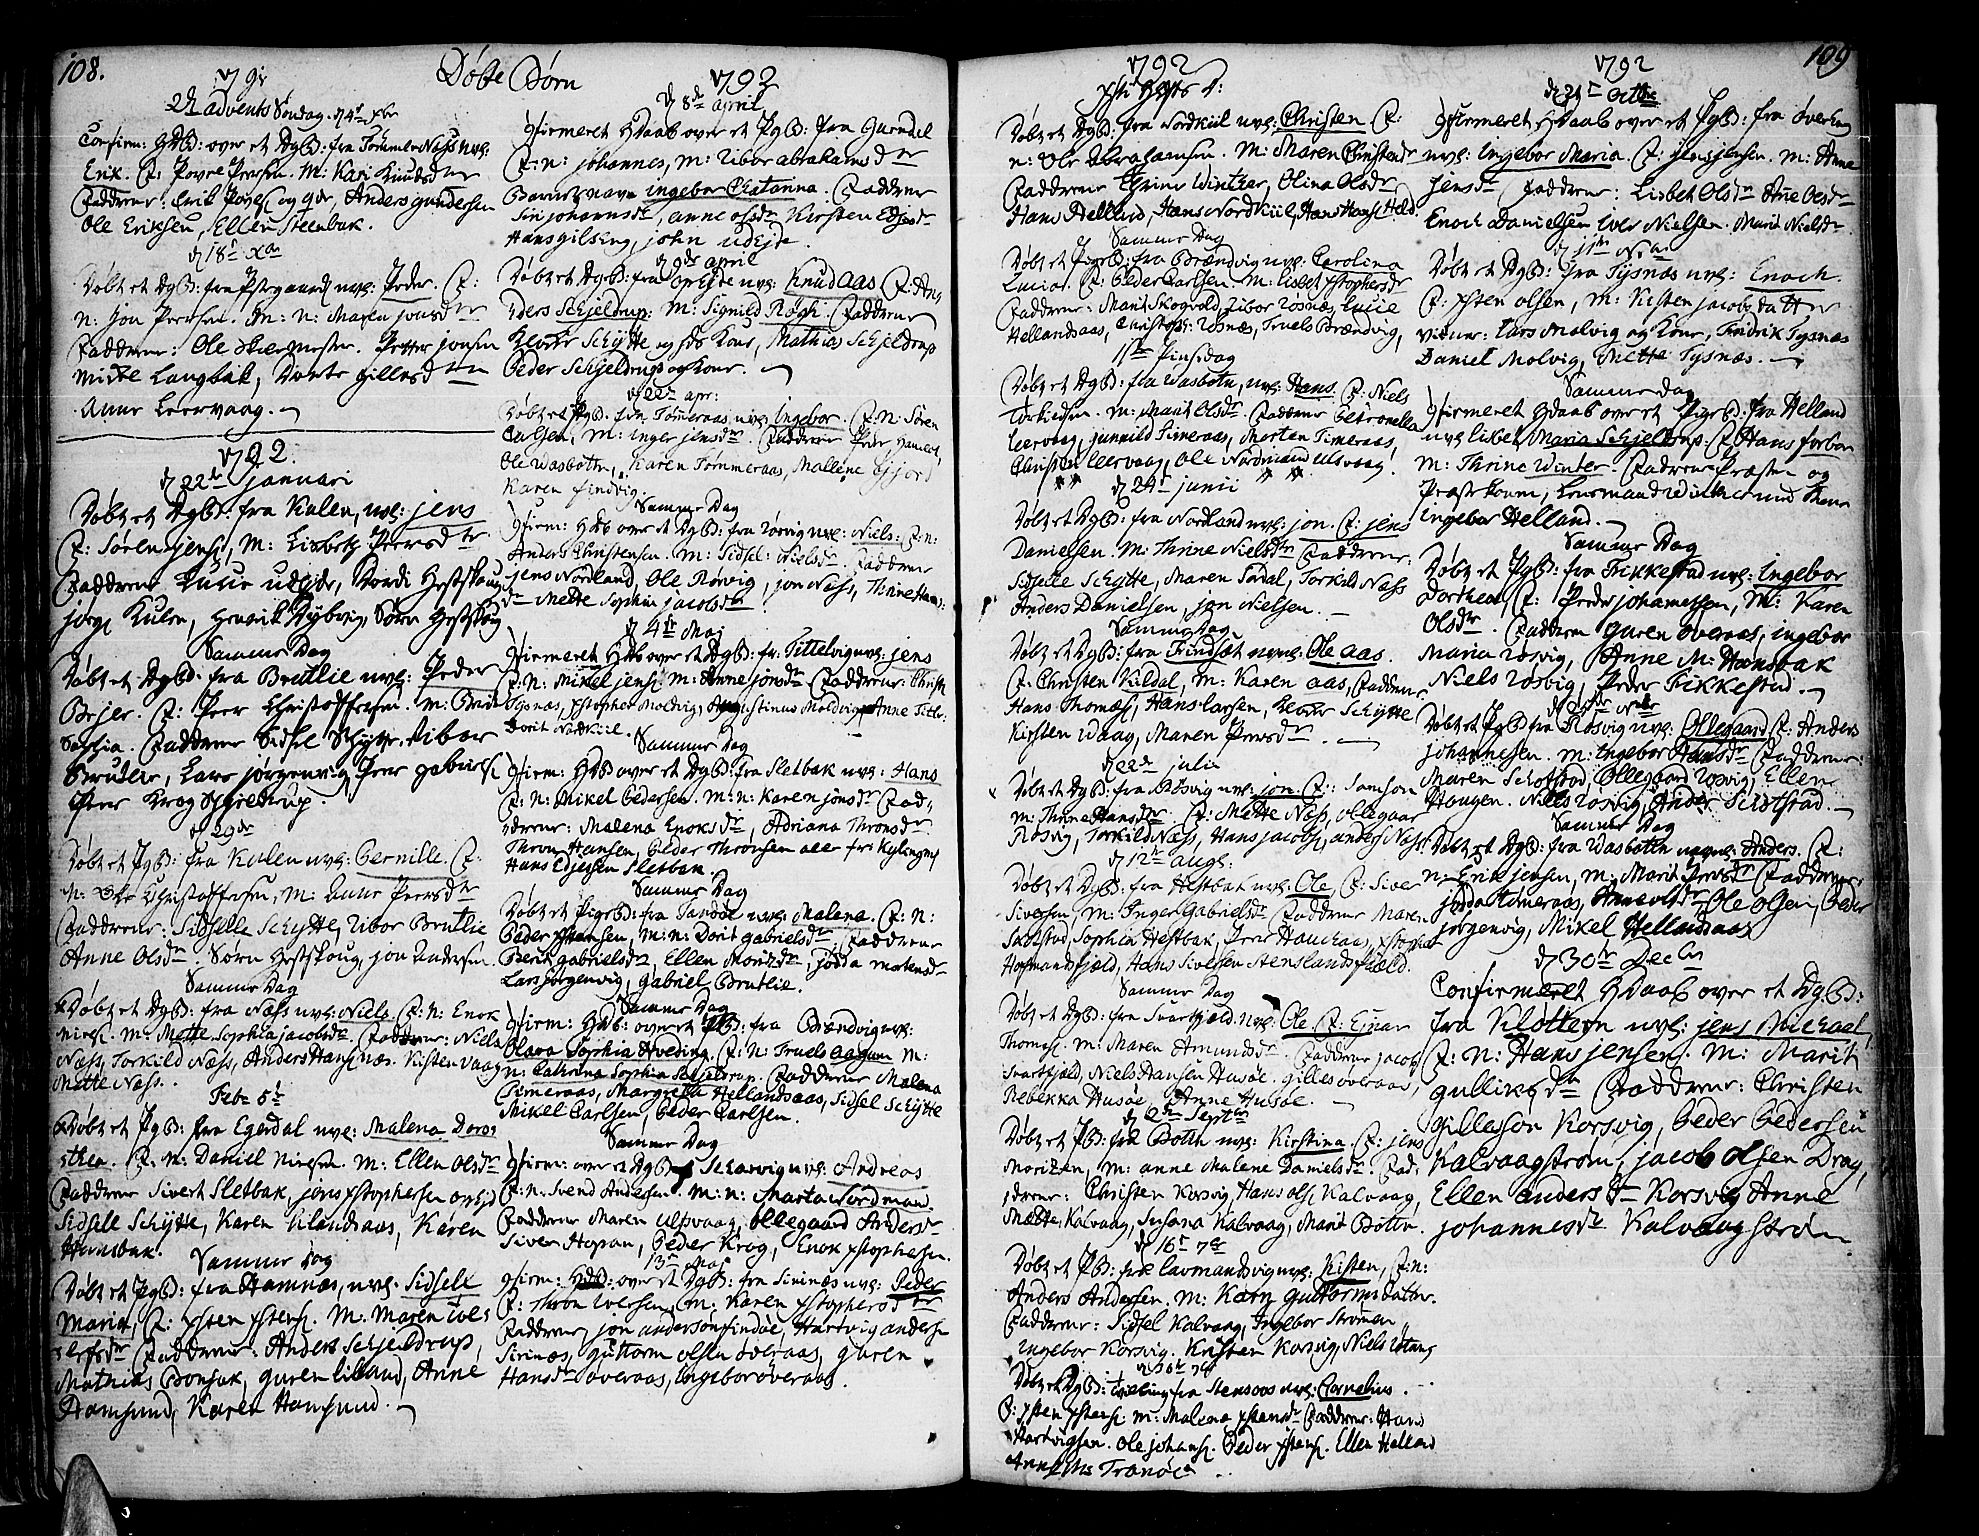 SAT, Ministerialprotokoller, klokkerbøker og fødselsregistre - Nordland, 859/L0841: Parish register (official) no. 859A01, 1766-1821, p. 108-109